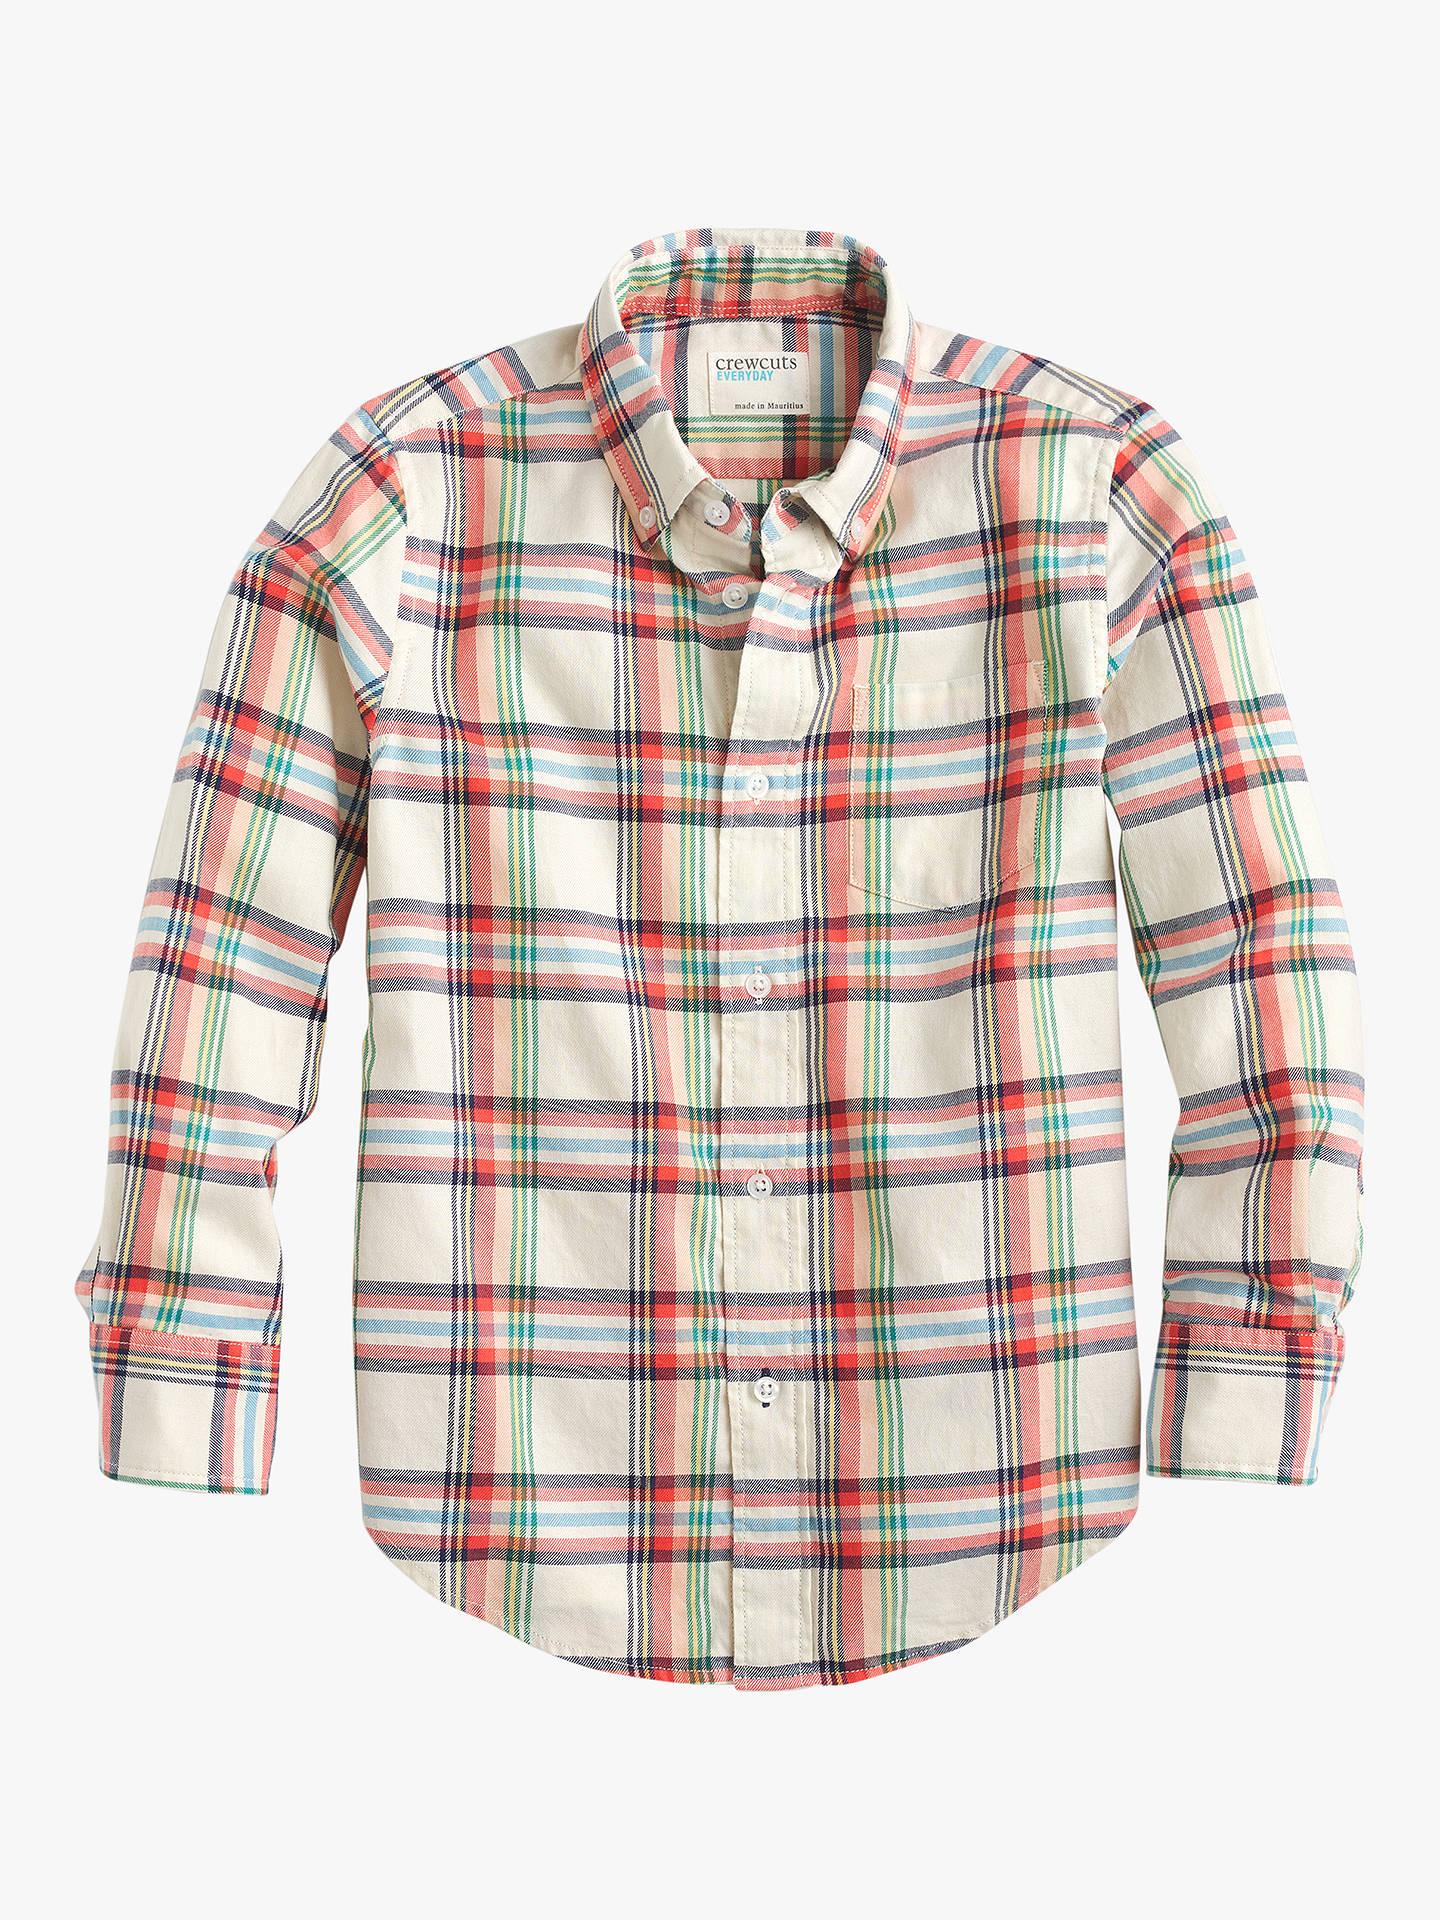 cbef530297 Buycrewcuts by J.Crew Boys  Plaid Flannel Shirt